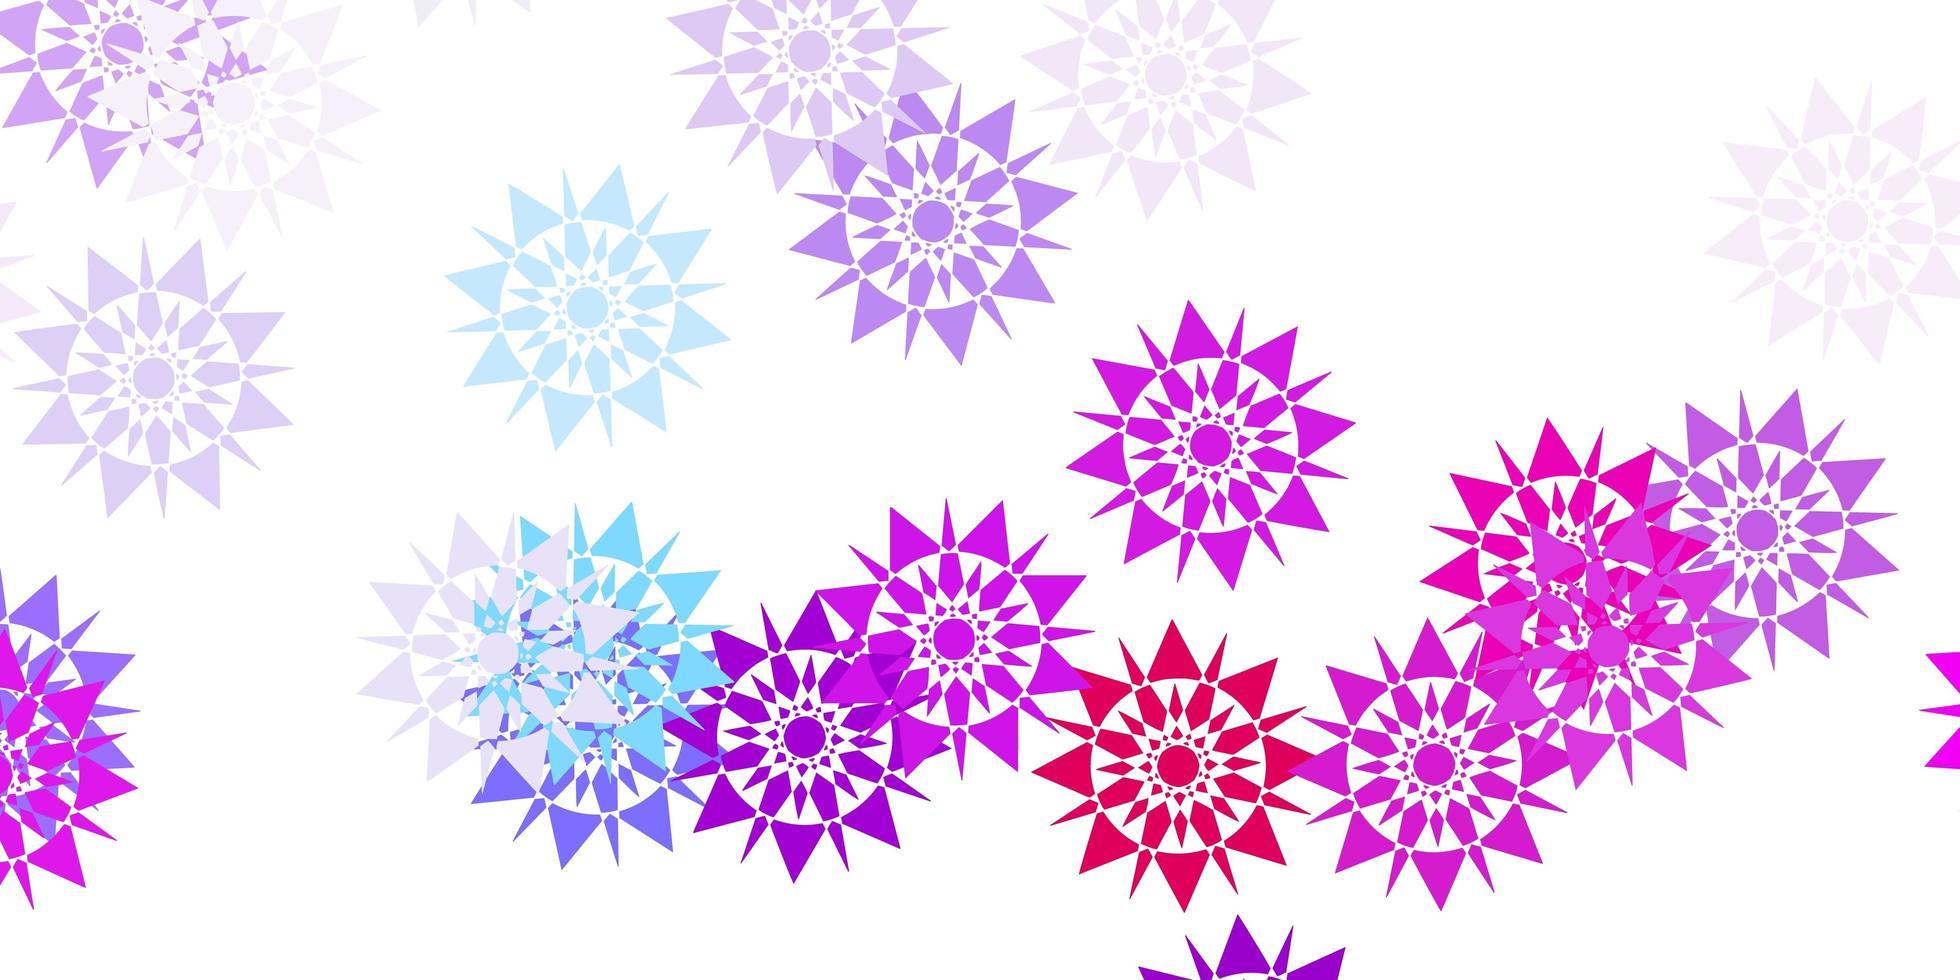 modèle vectoriel bleu clair, rouge avec des flocons de neige colorés.